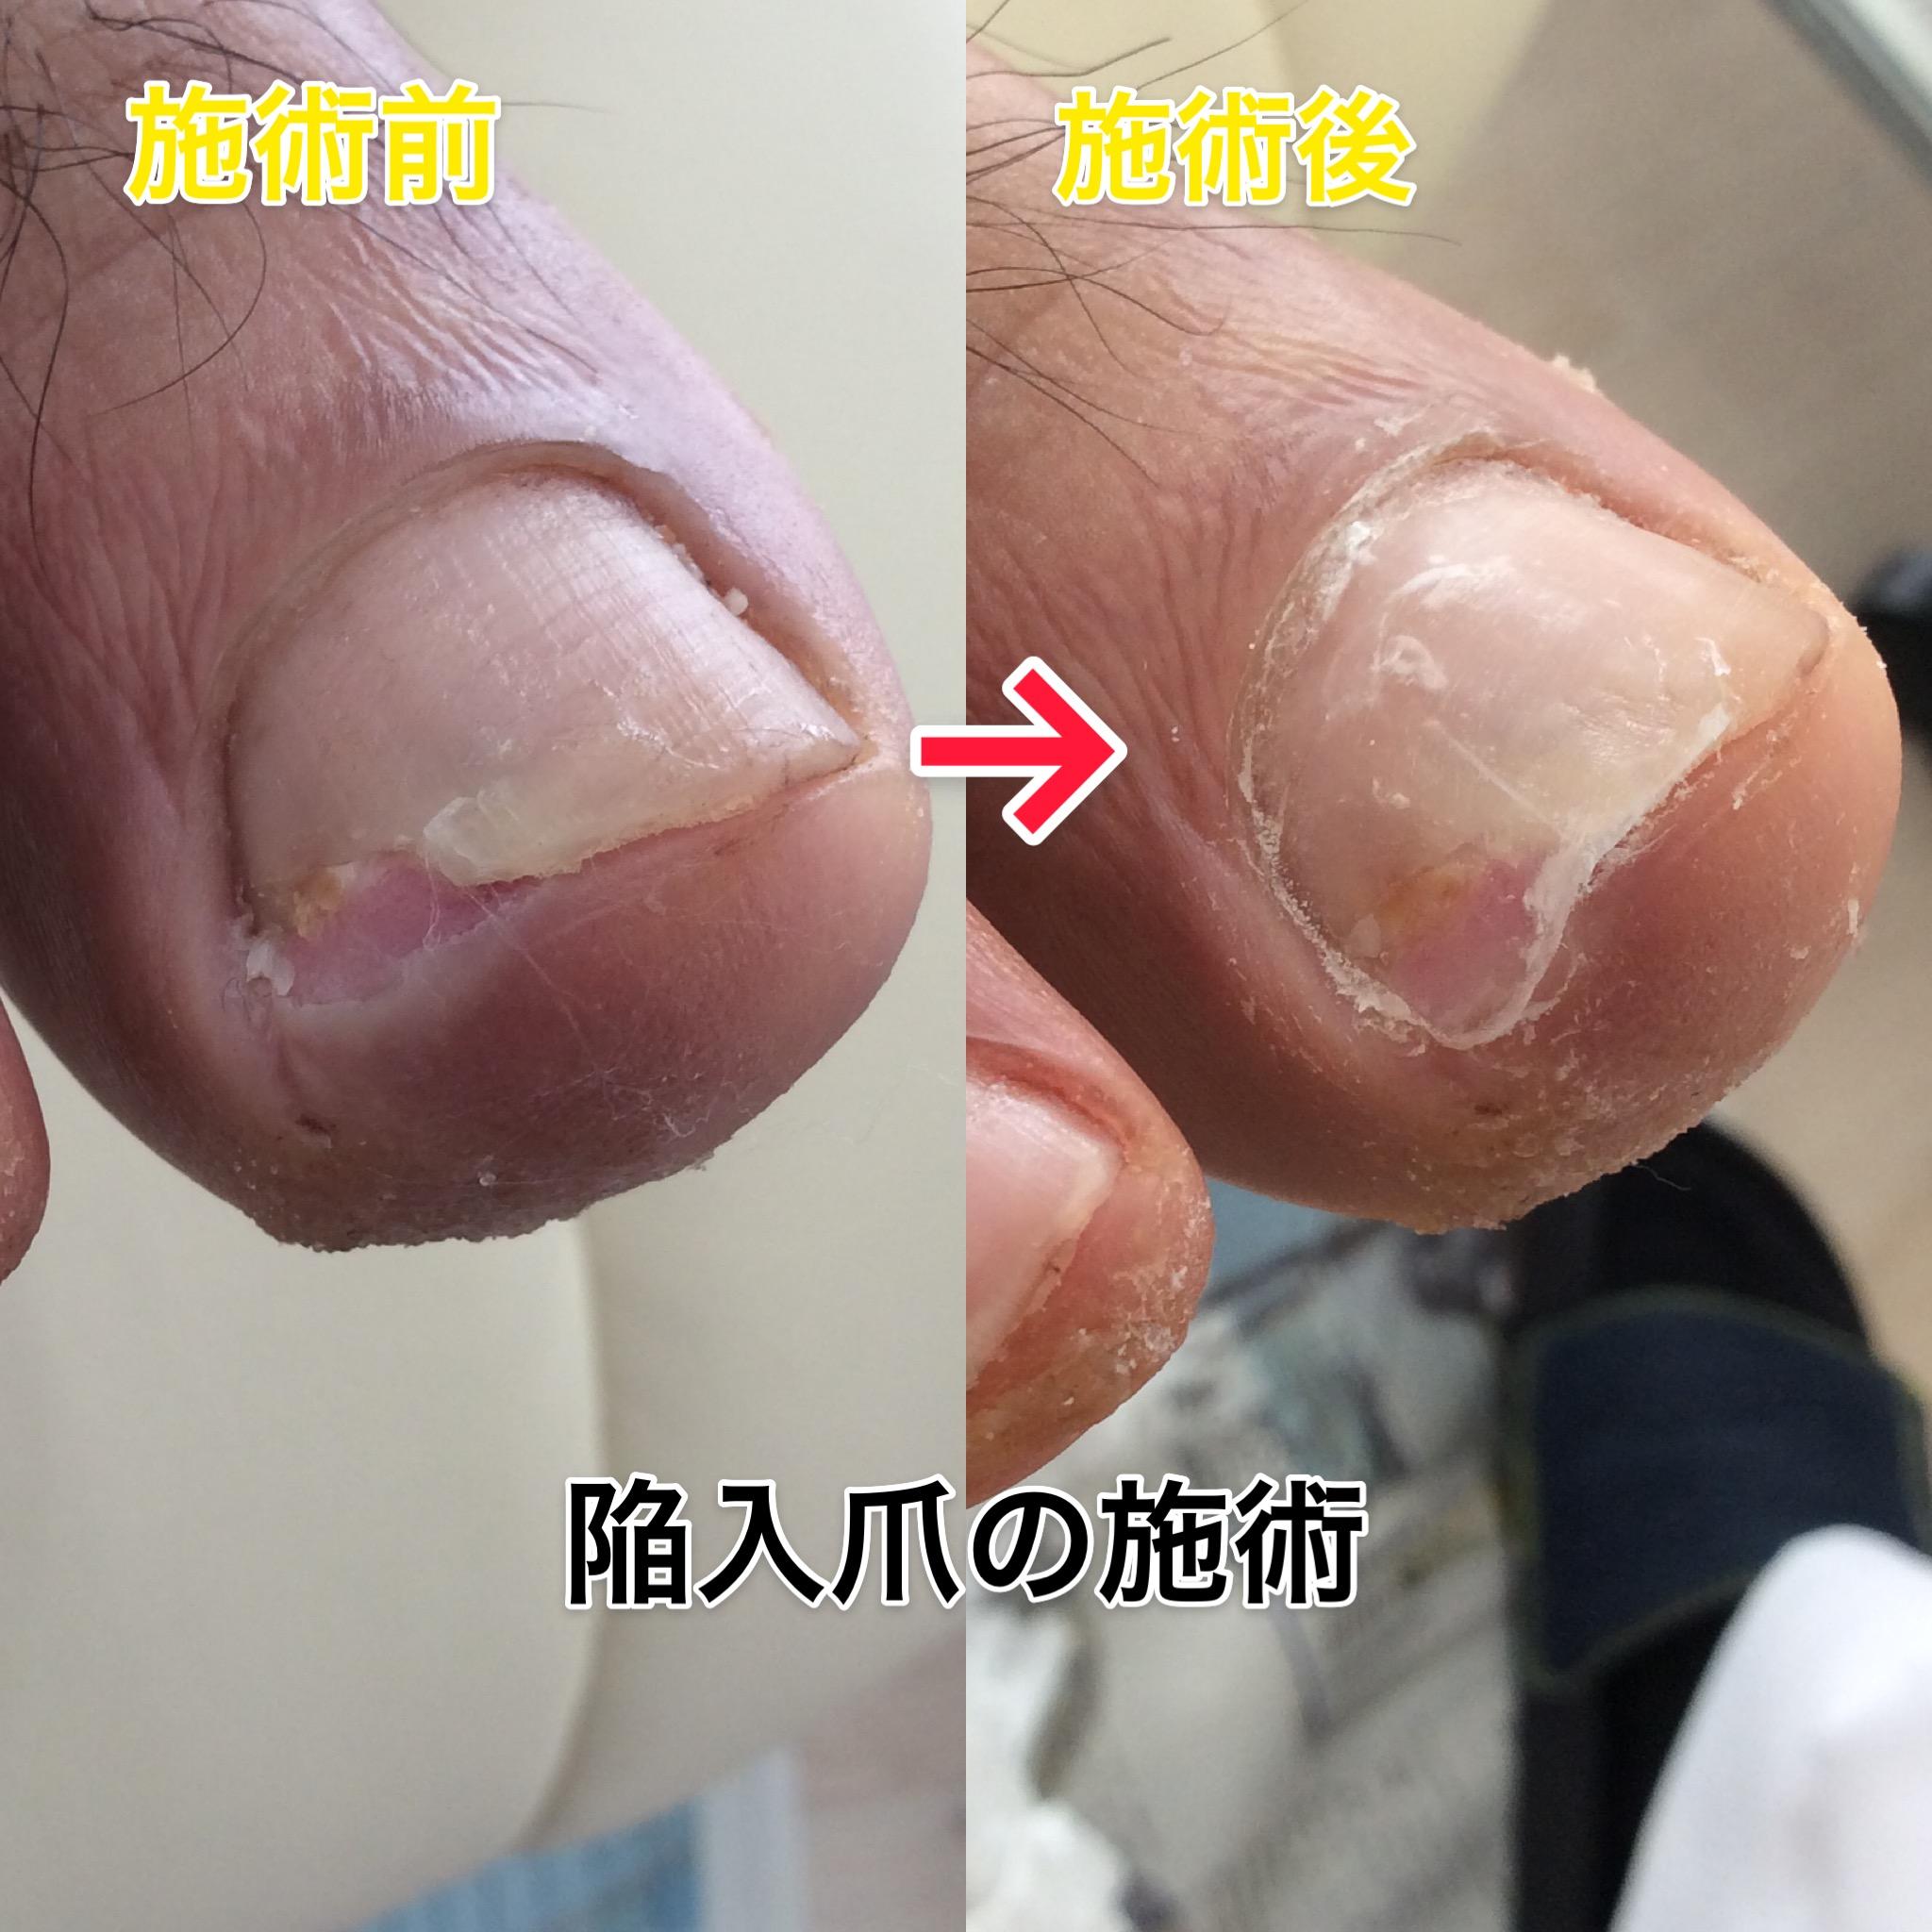 巻き爪の痛みを最新治療で改善